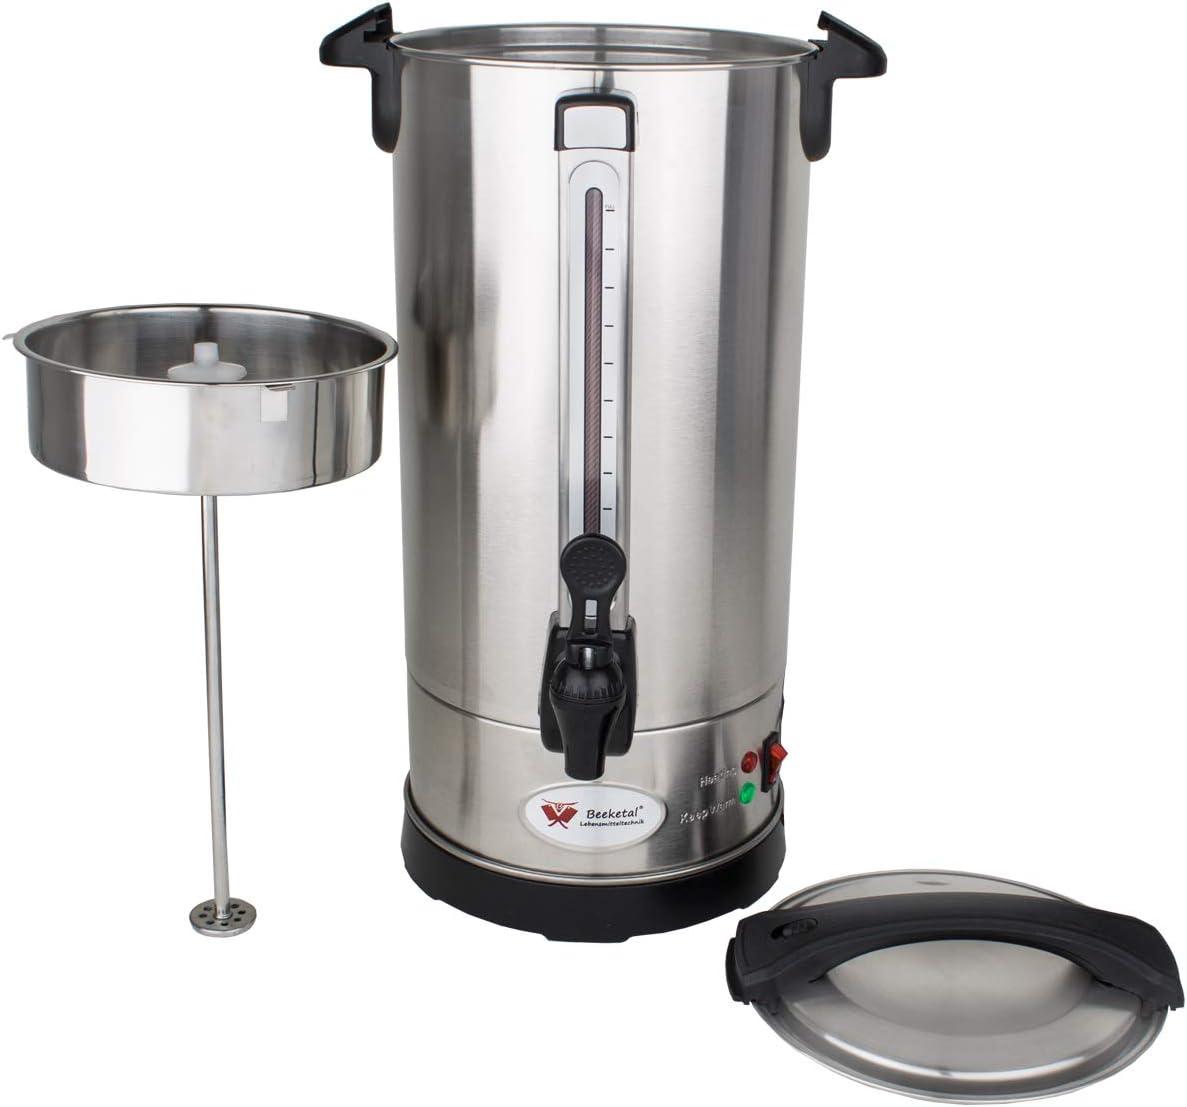 Beeketal 'BGK9' Gastro Rundfilter Kaffeemaschine - Filterkaffeemaschine